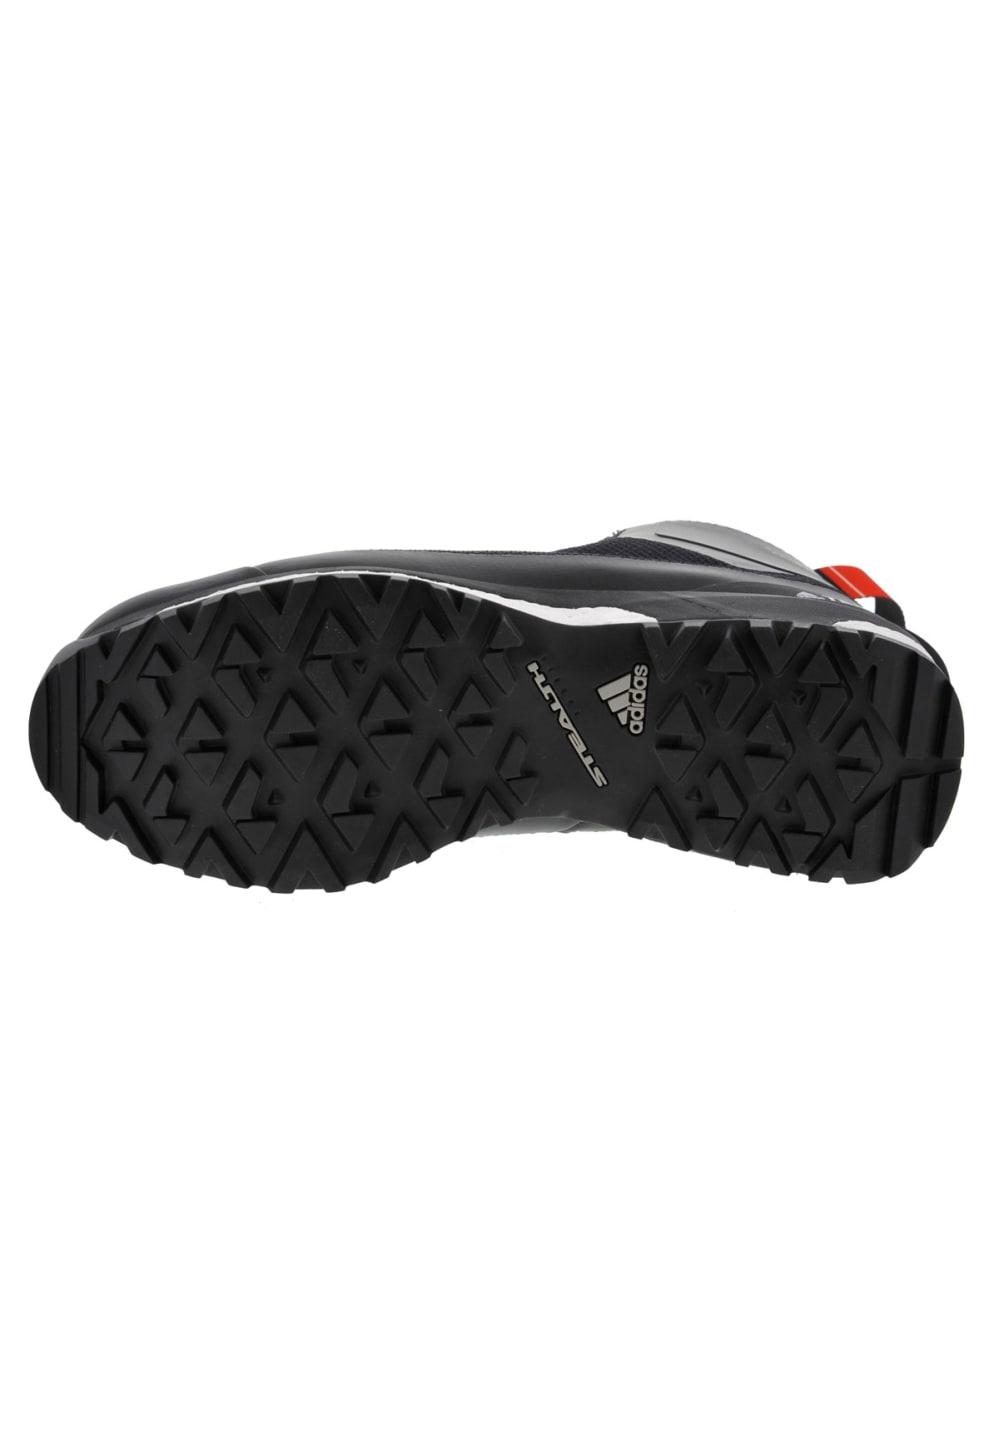 Boa Climaheat Homme Adidas Chaussures Pour Randonnée Noir Terrex Conrax PZuiTOkX